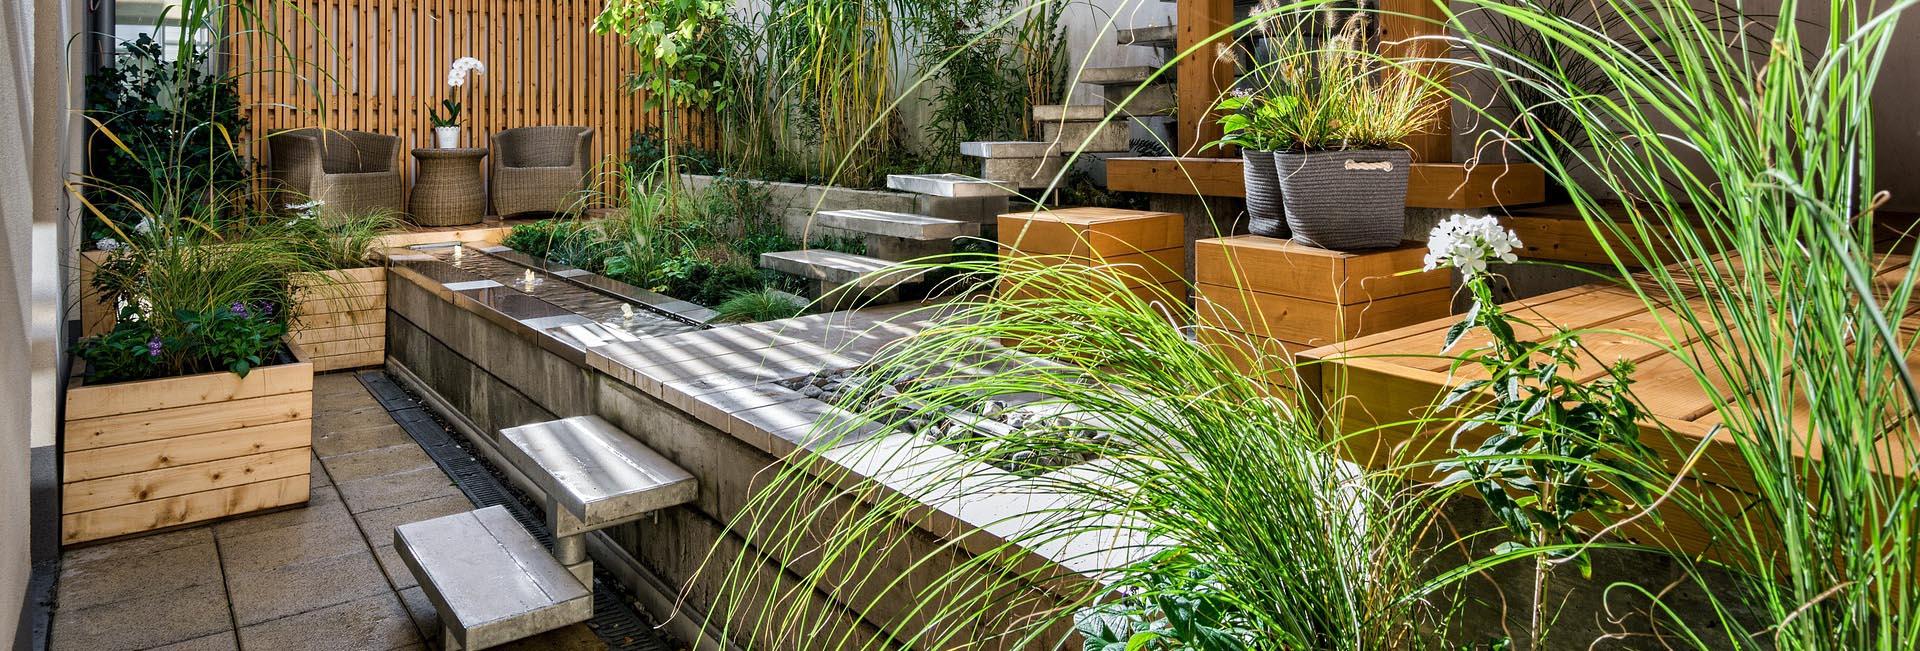 Architetto Di Giardini progettazione giardini milano - progettare spazi verdi